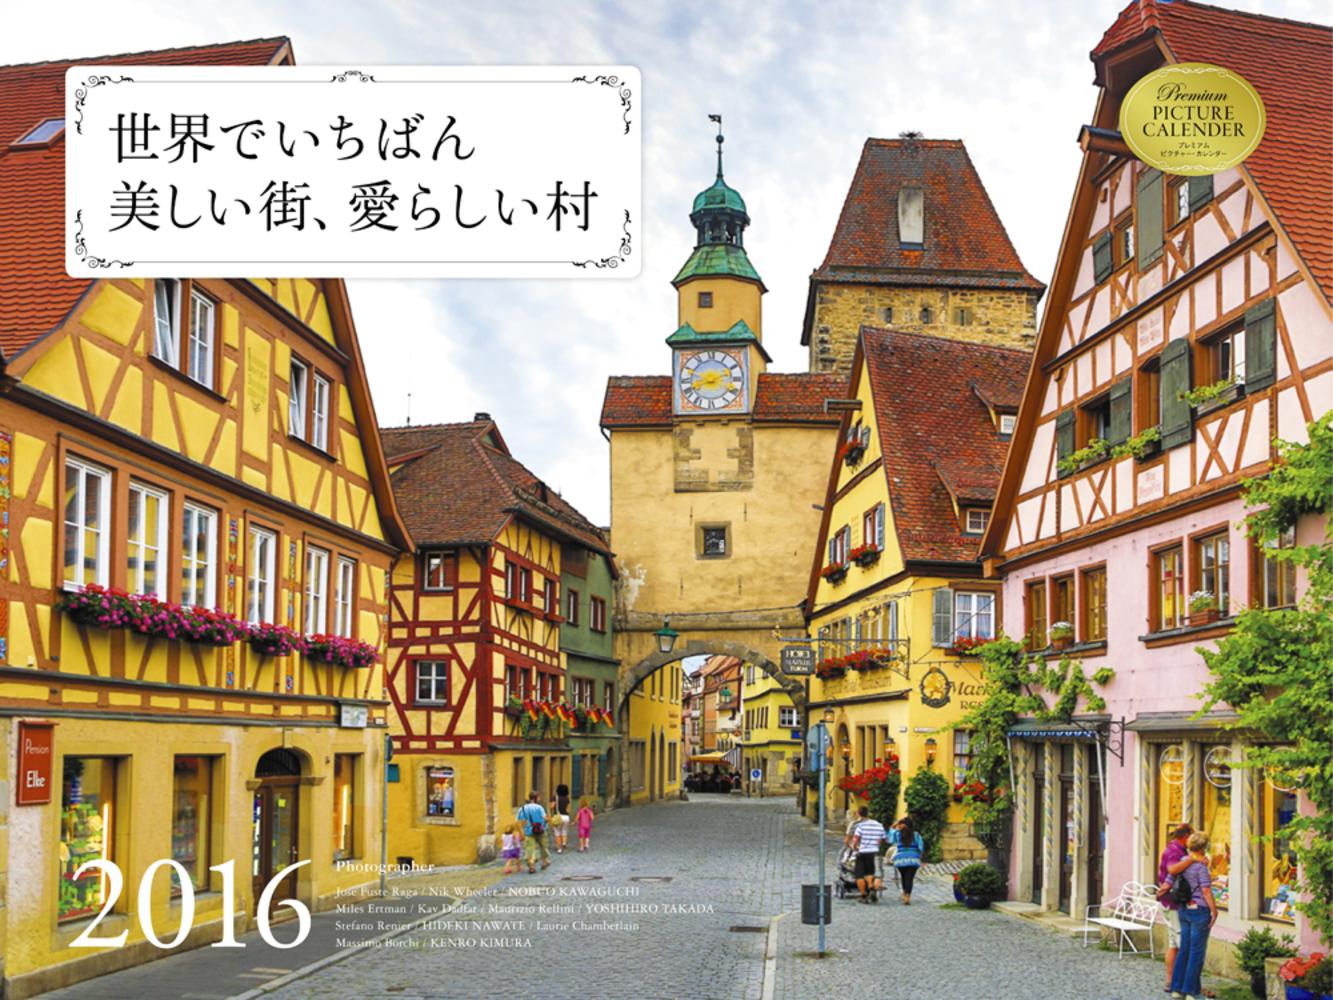 2016 世界でいちばん美しい街、愛らしい村